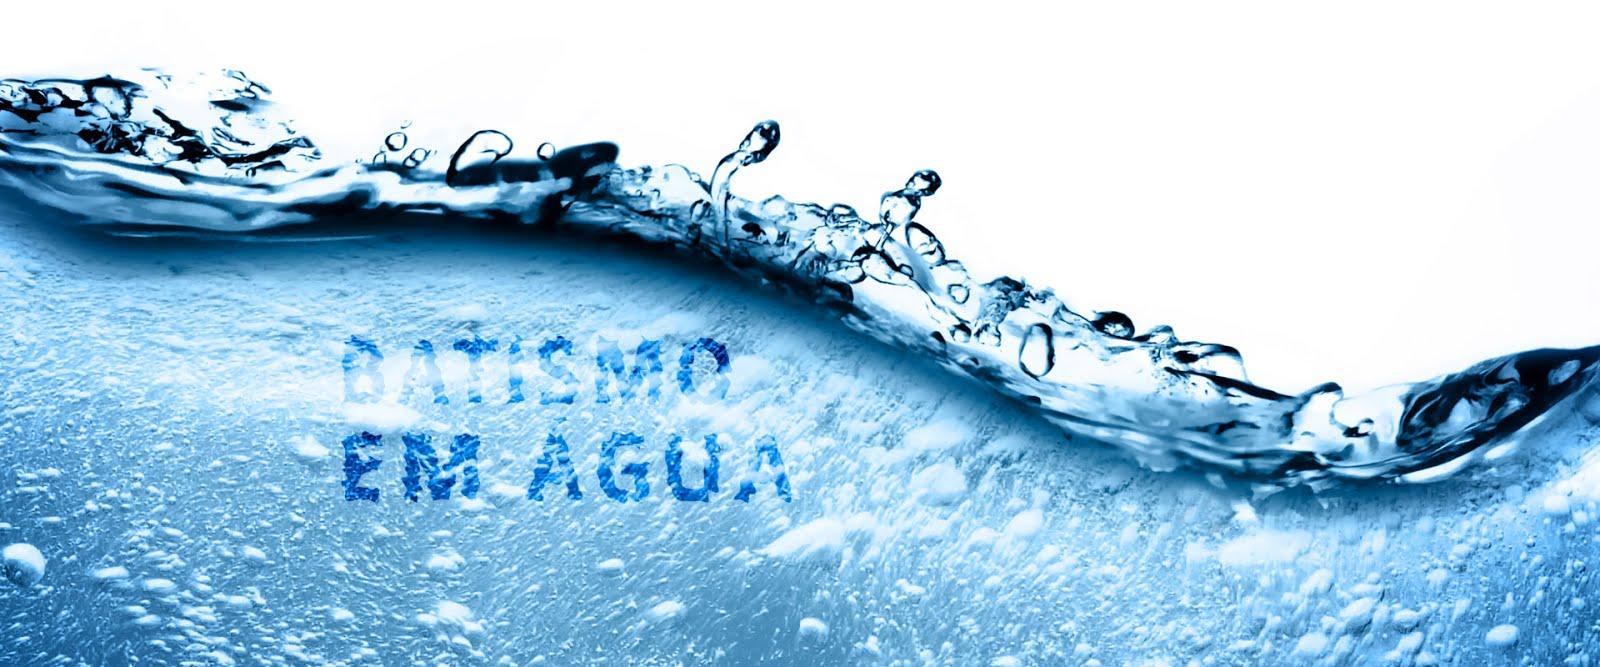 Batismo em Água